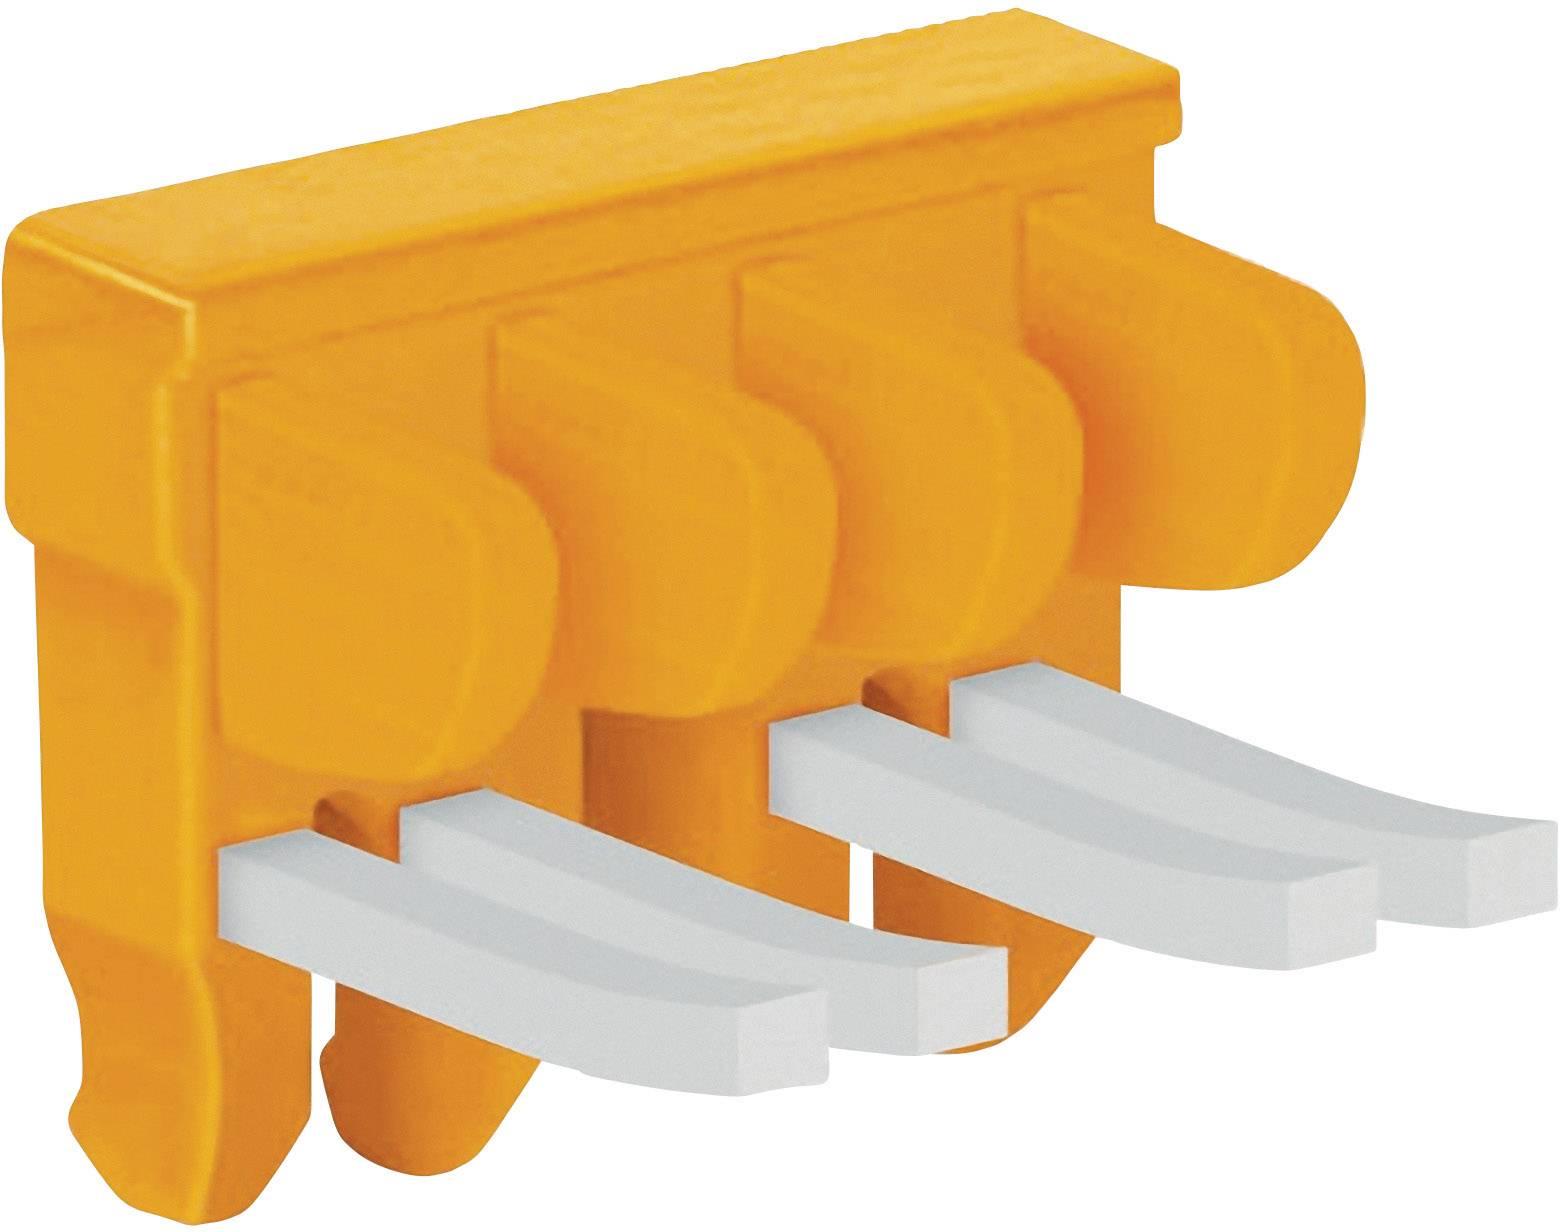 Spínací můstek Wago (2007-8446), 6násobný, oranžová